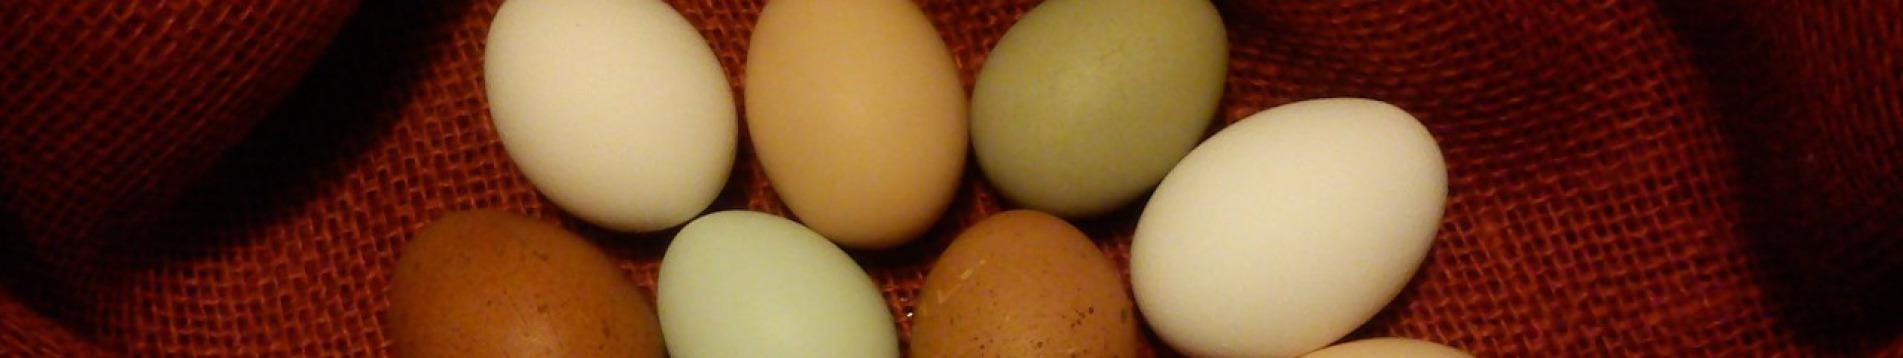 Hühnerhof Juesven Hobby-Hühnerhaltung mit Herz